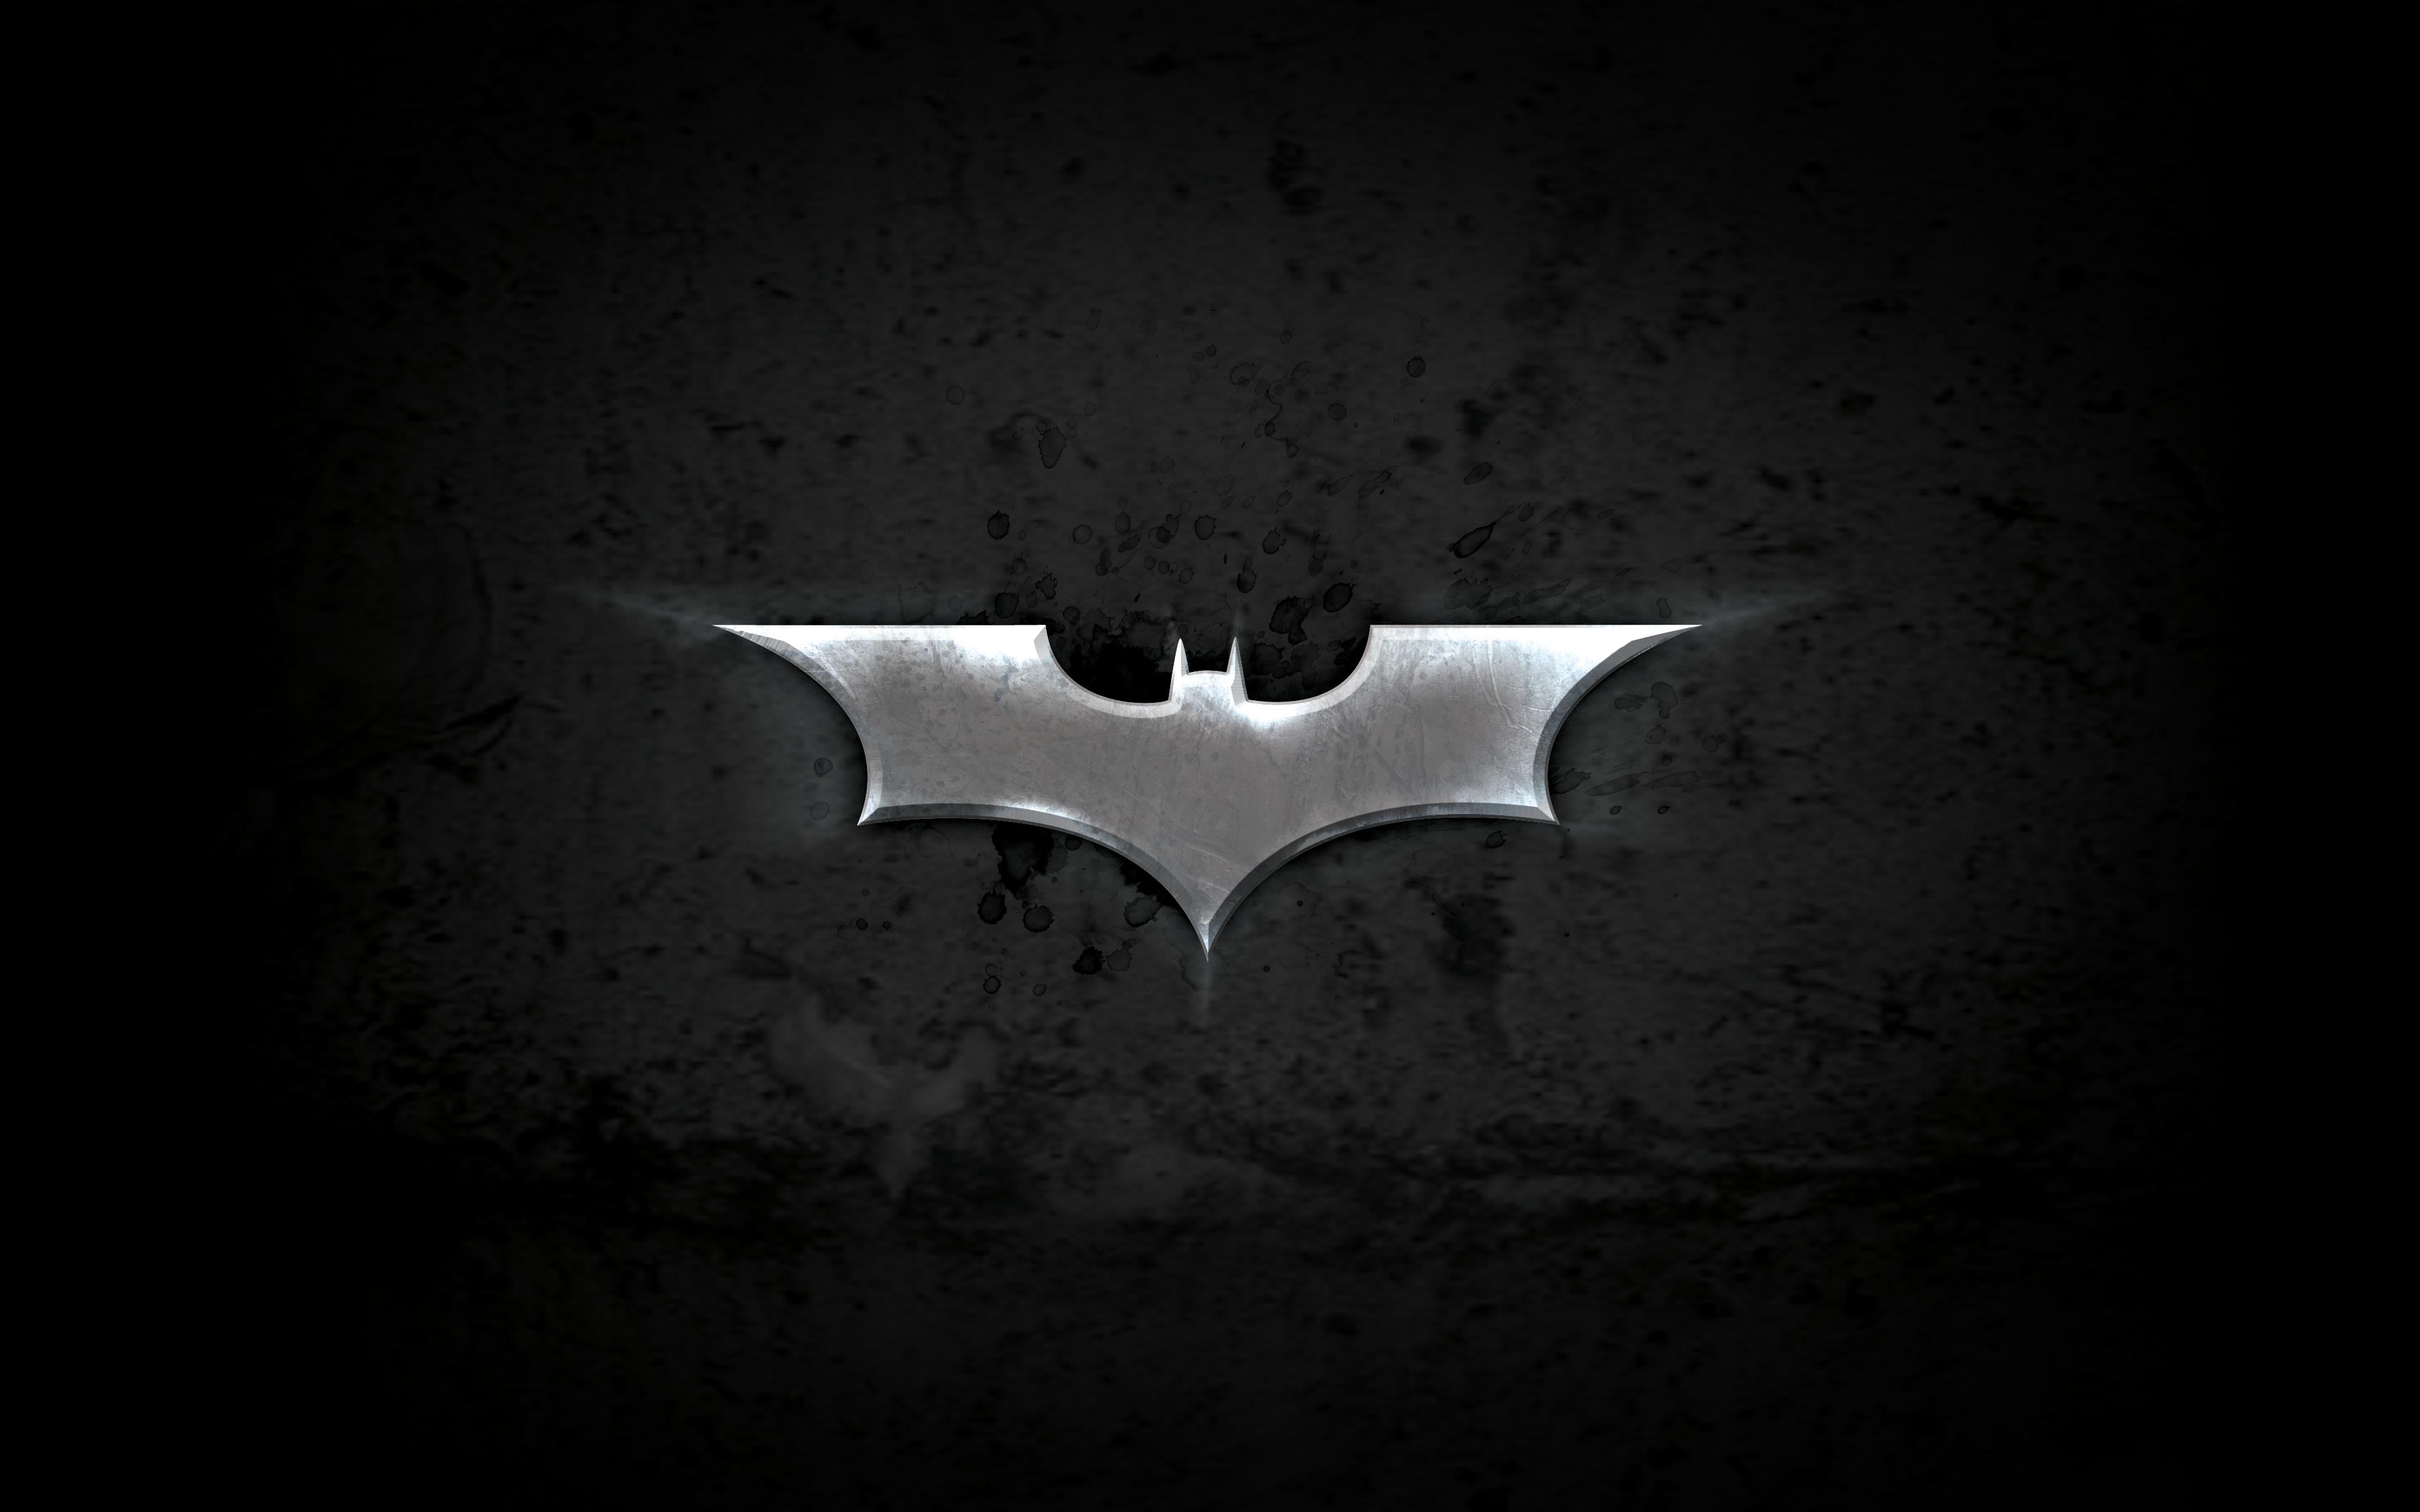 download batman symbol logo black backgrounds wallpapers cool cartoon 4000x2500